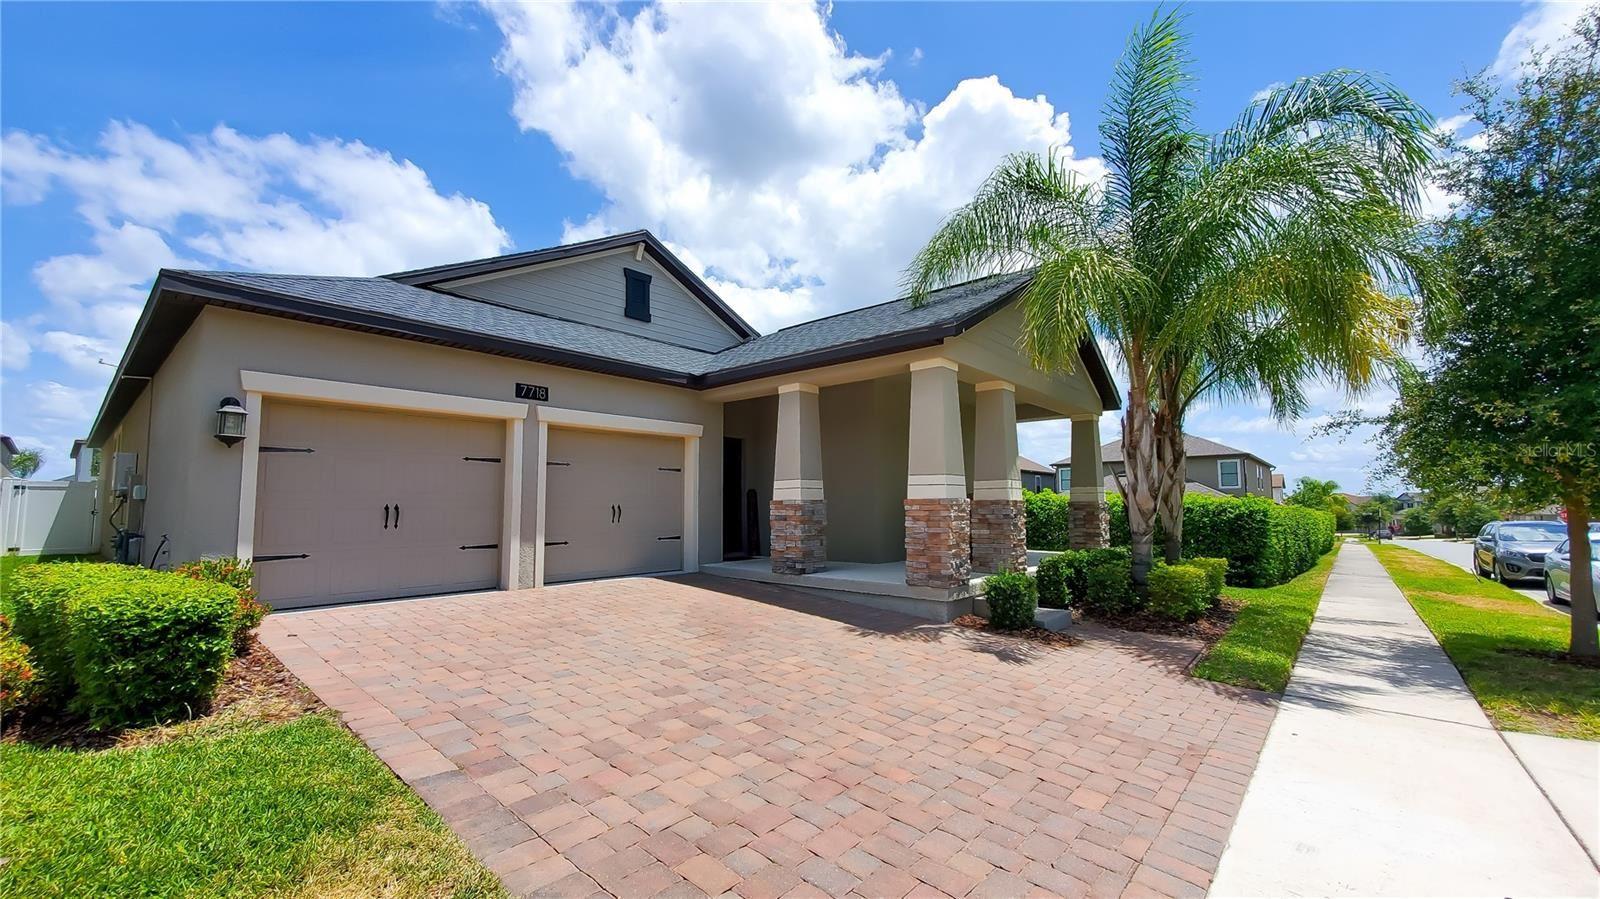 7718 PURPLE FINCH STREET, Winter Garden, FL 34787 - #: O5950867